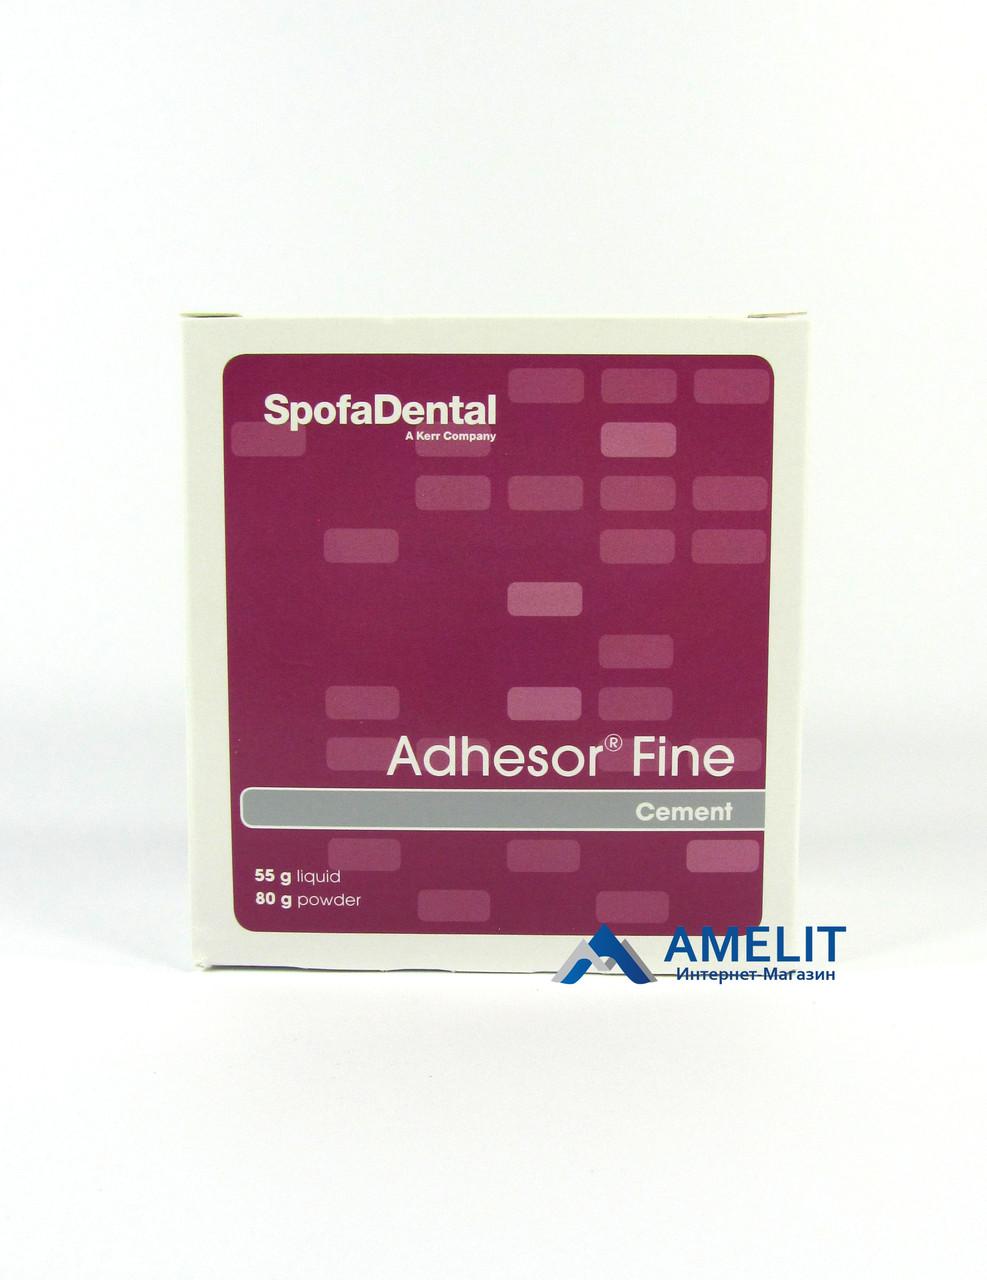 АдгезорФайн(Adhesor Fine Cement, Spofa Dental),набор80г+ 55мл